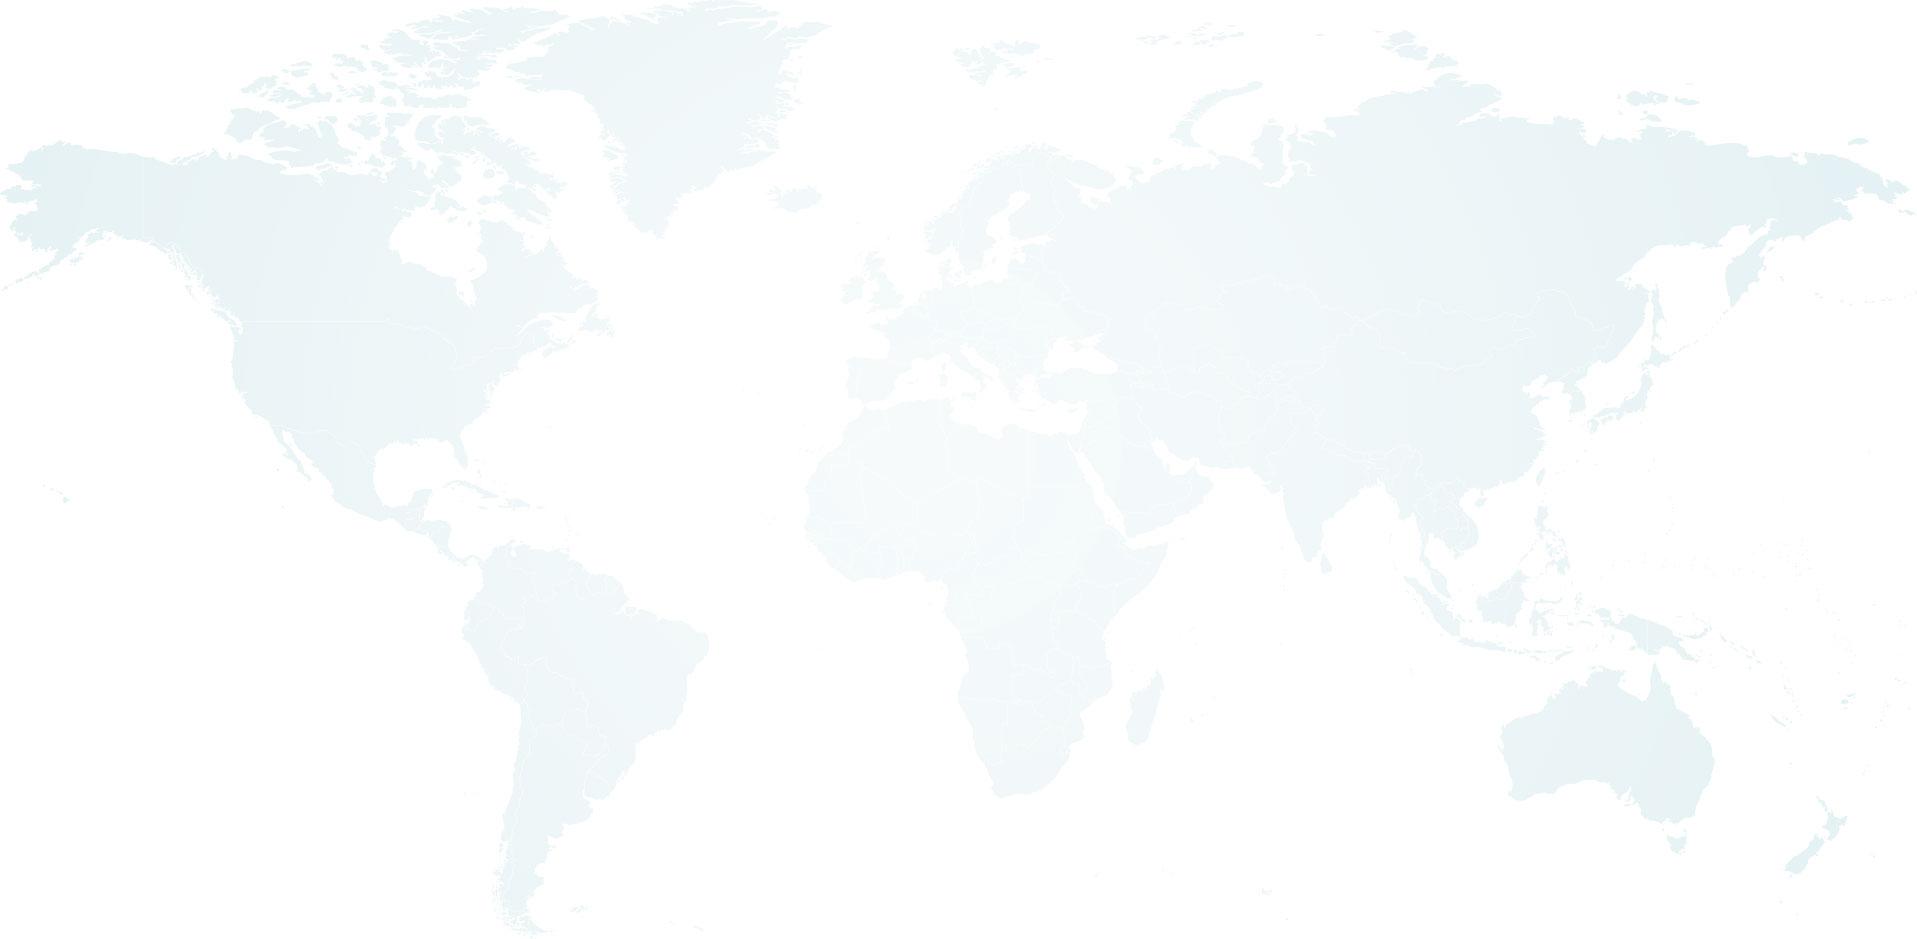 Philips connect скачать с официального сайта